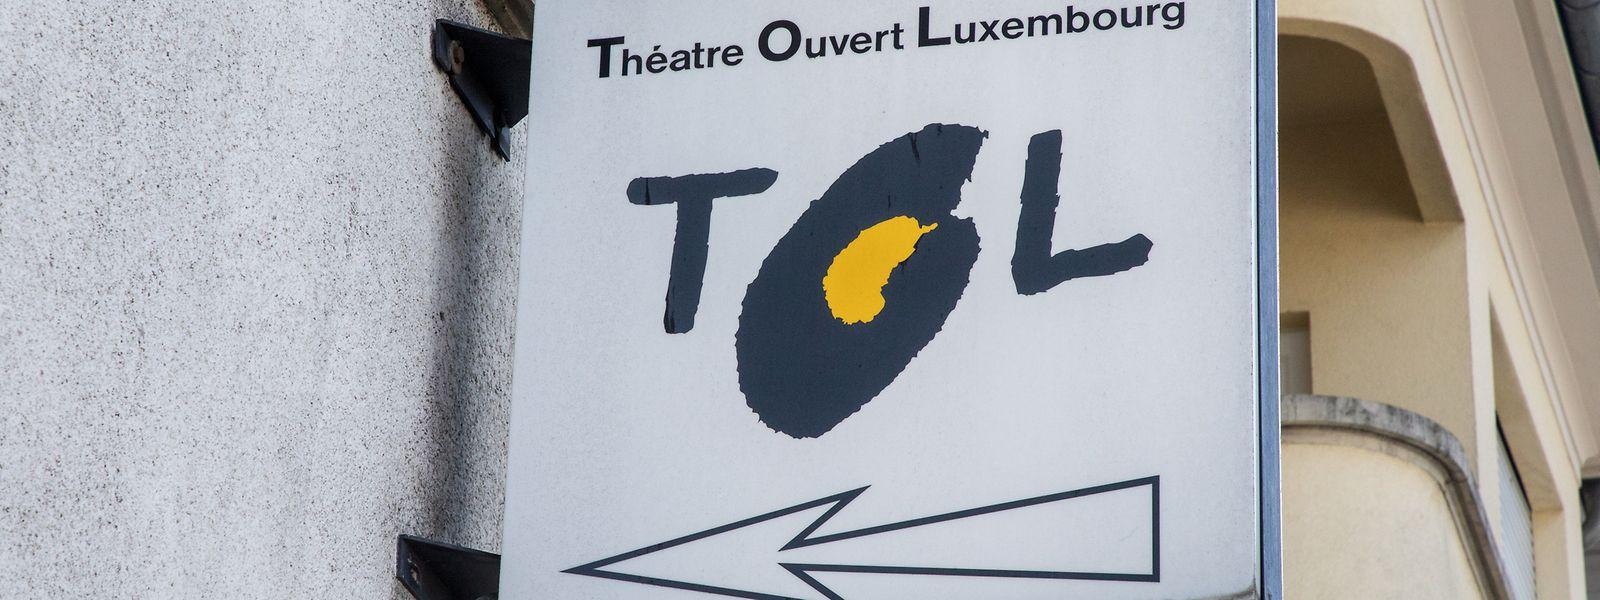 """Weltoffen und dennoch geschlossen: Im """"Théâtre Ouvert Luxembourg"""" ruht der Spielbetrieb."""